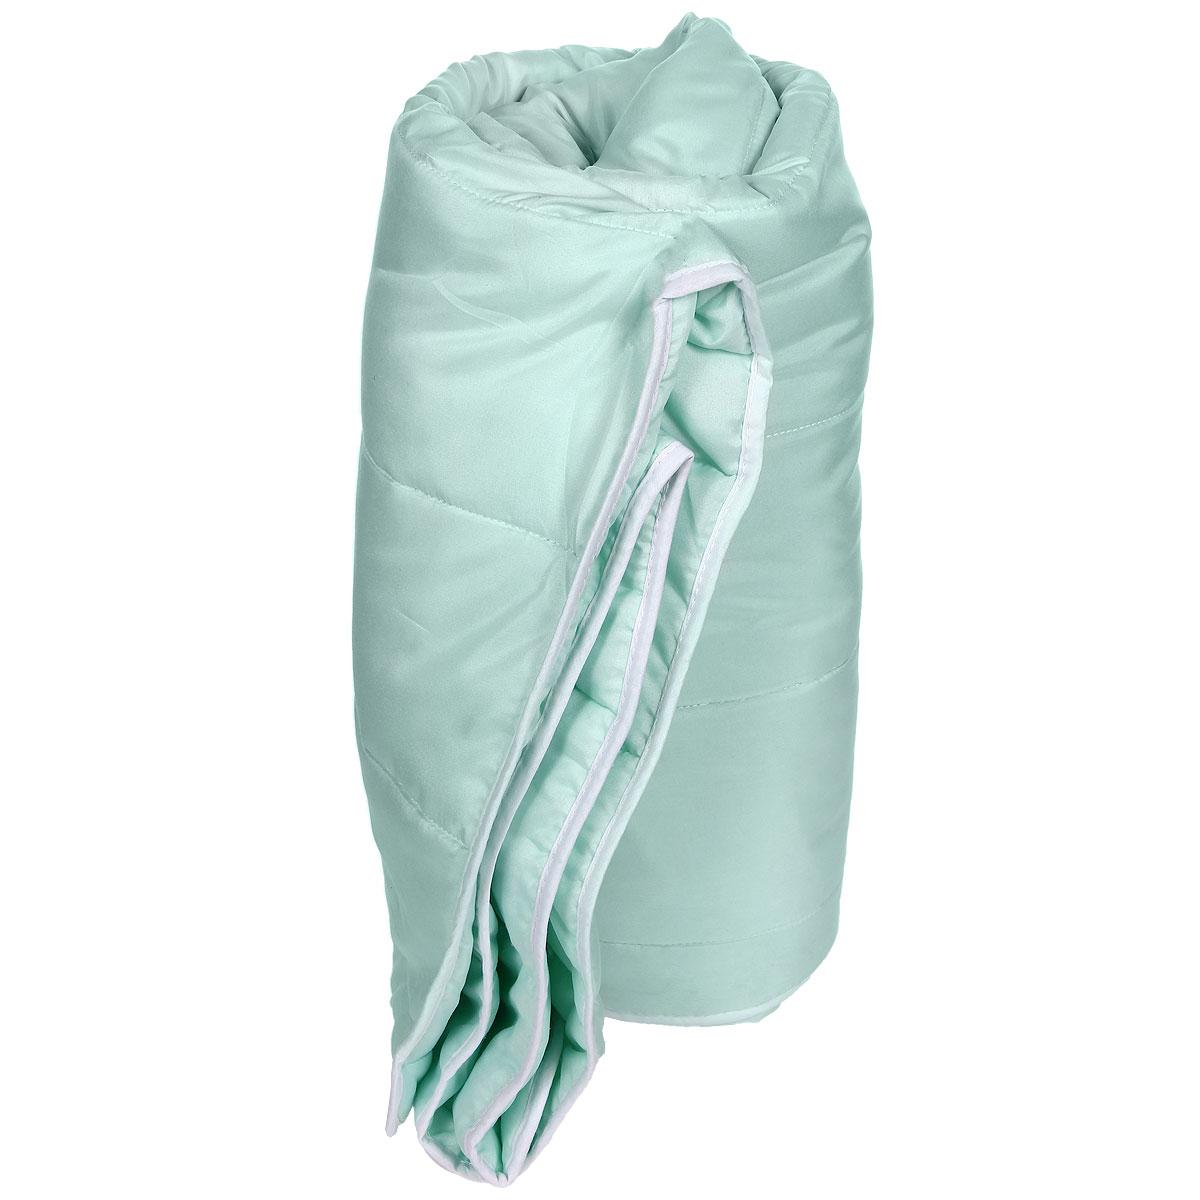 Одеяло облегченное Miotex Холфитекс, наполнитель: высокосиликонозированное микроволокно, цвет: в ассортименте, 140 х 205 смМХПЭ-15-2Чехол стеганого набивного одеяла Miotex Холфитекс выполнен из мягкого приятного на ощупь полиэстера. Наполнитель - Холфитекс. Холфитекс - упругий и качественный наполнитель. Прекрасно держит тепло. Одеяло с наполнителем Холфитекс легкое и комфортное. Даже после многократных стирок не теряет свою форму, наполнитель не сбивается, так как одеяло простегано и окантовано. Не вызывает аллергии.Рекомендации по уходу: - Стирка в теплой воде (температура до 30°С), - Нельзя отбеливать. При стирке не использовать средства, содержащие отбеливатели (хлор), - Сушить вертикально без отжима,- Не гладить. Не применять обработку паром, - Нельзя выжимать и сушить в стиральной машине. Характеристики: Материал чехла: 100% полиэстер. Наполнитель: полиэфирное высокосиликонизированное волокно Холфитекс. Плотность: 200 г/м. Размер одеяла: 140 см х 205 см. Размер упаковки: 50 см х 50 см х 10 см. Артикул: МХПЭ-15-2.УВАЖАЕМЫЕ КЛИЕНТЫ!Обращаем ваше внимание на возможные изменения в цветовом дизайне товара, связанные с ассортиментом продукции. Поставка осуществляется в зависимости от наличия на складе.